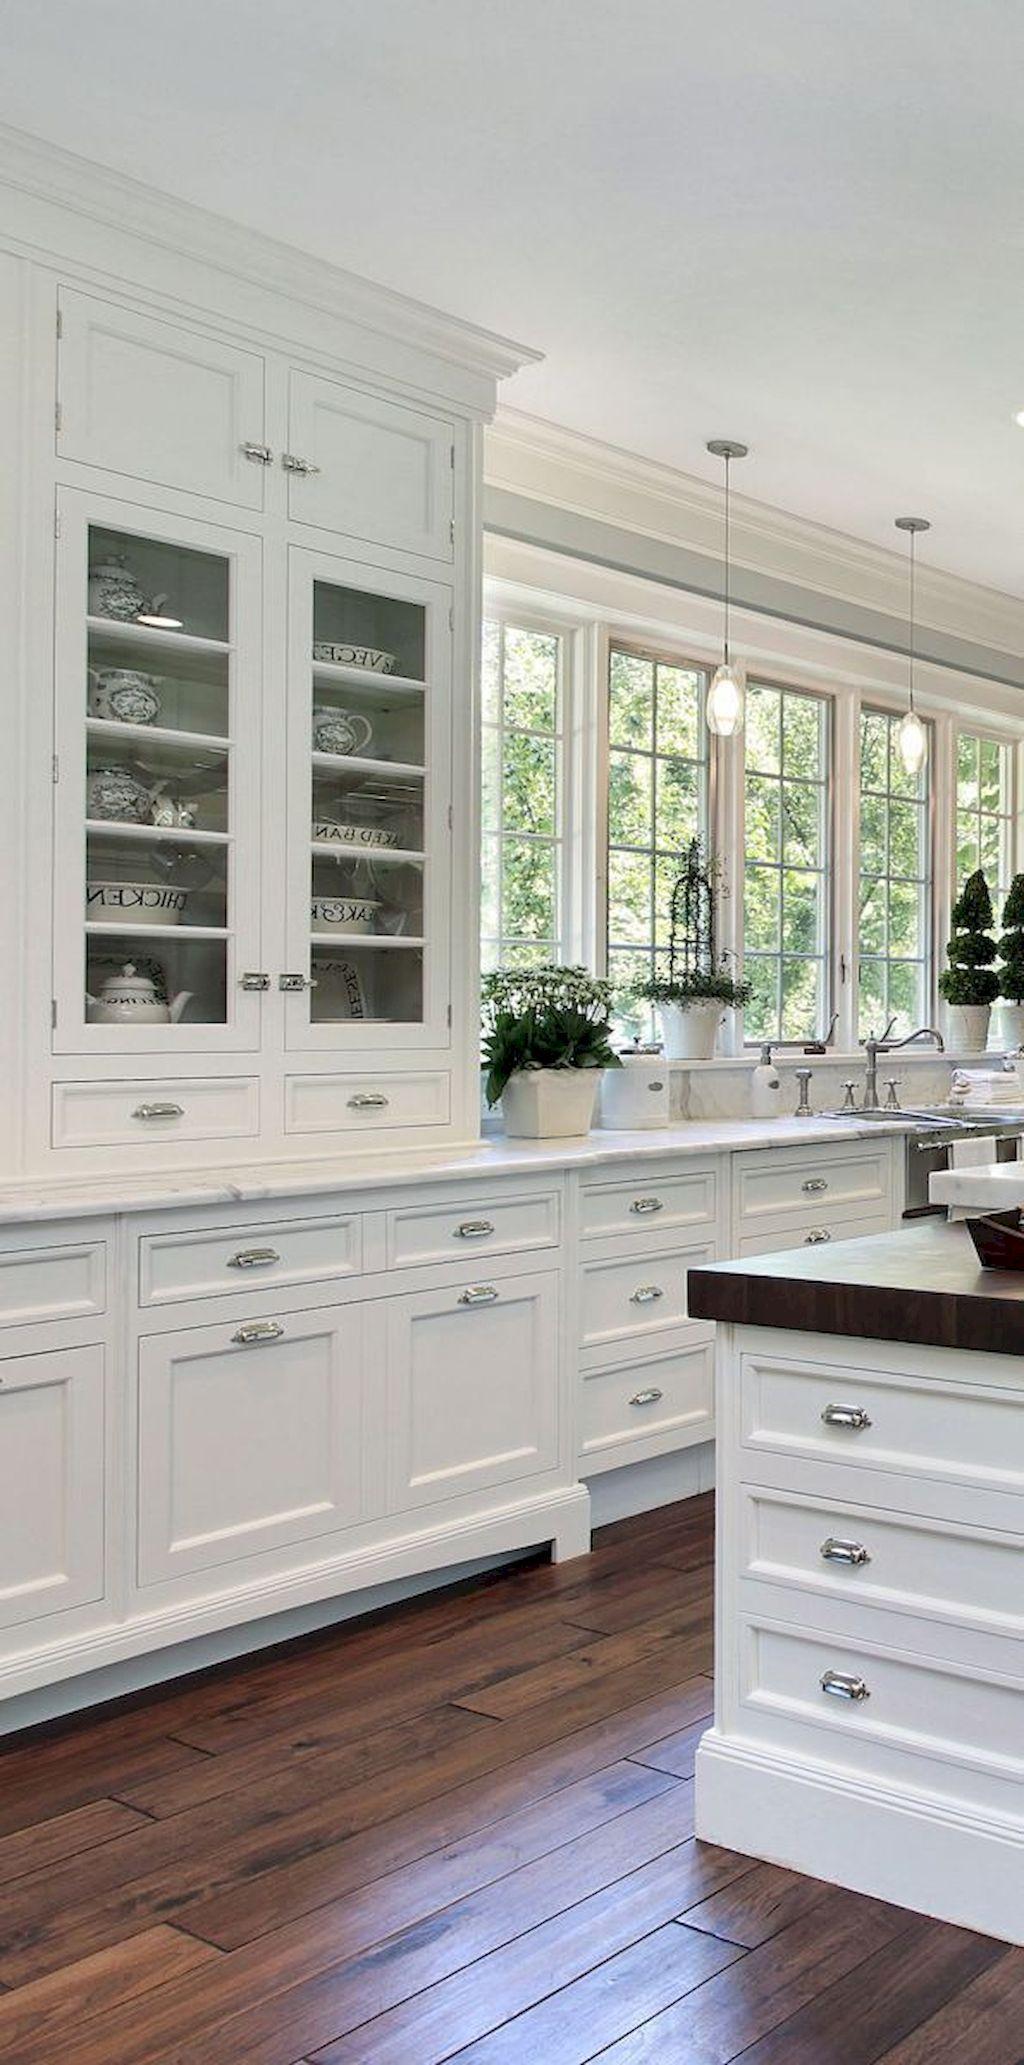 70 Farmhouse Kitchen Makeover Ideas